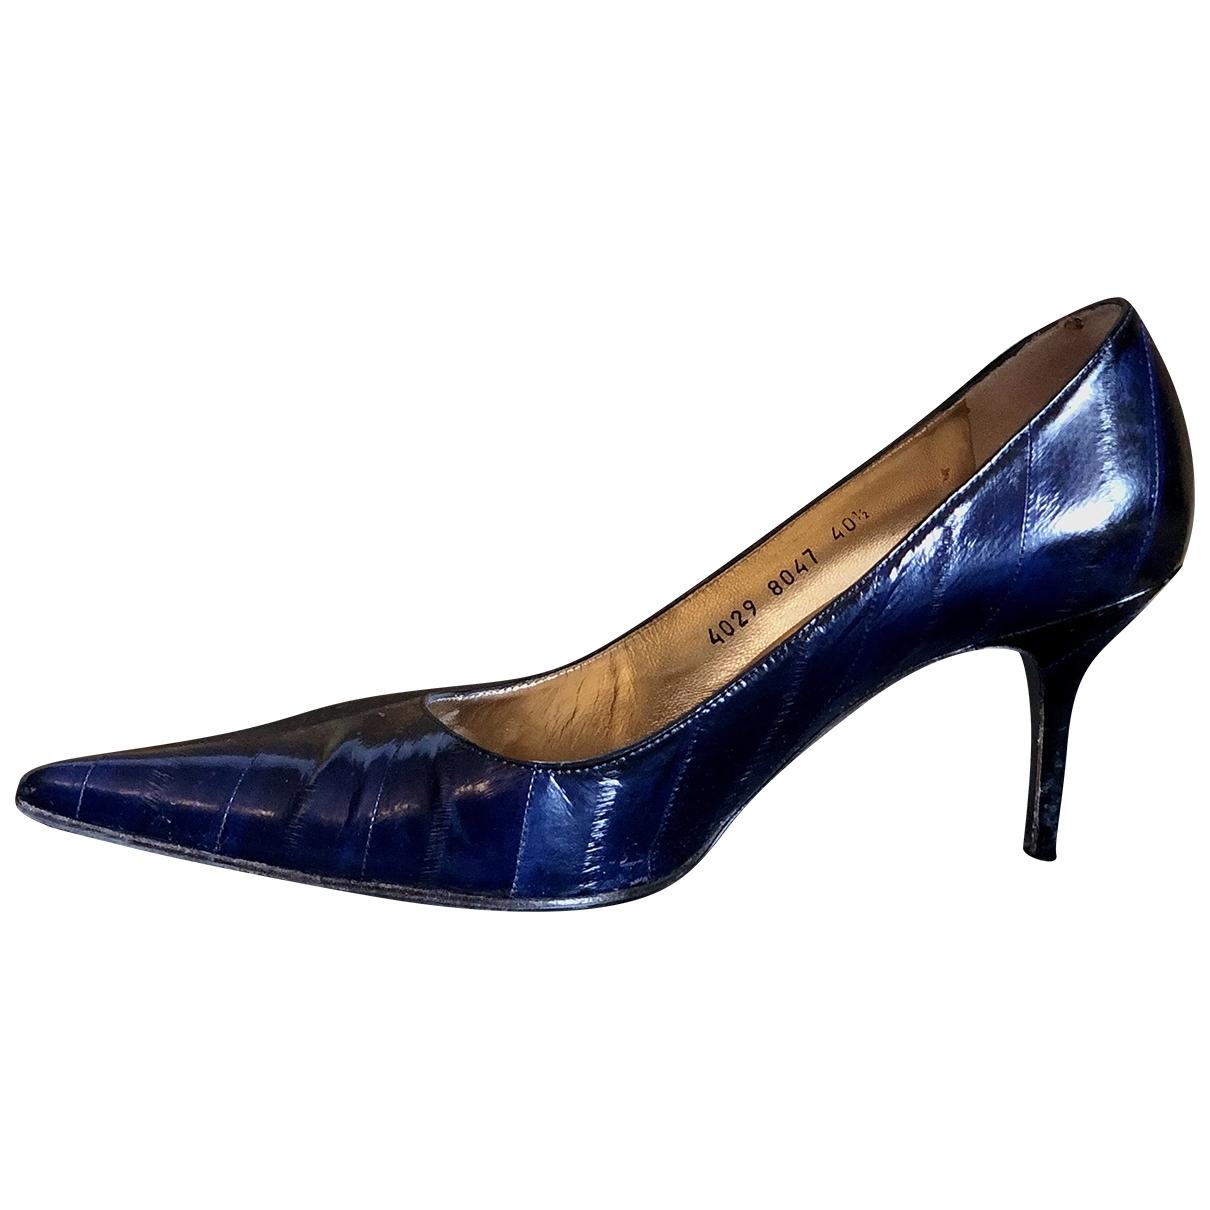 Dolce & Gabbana \N Pumps in  Blau Krokodil